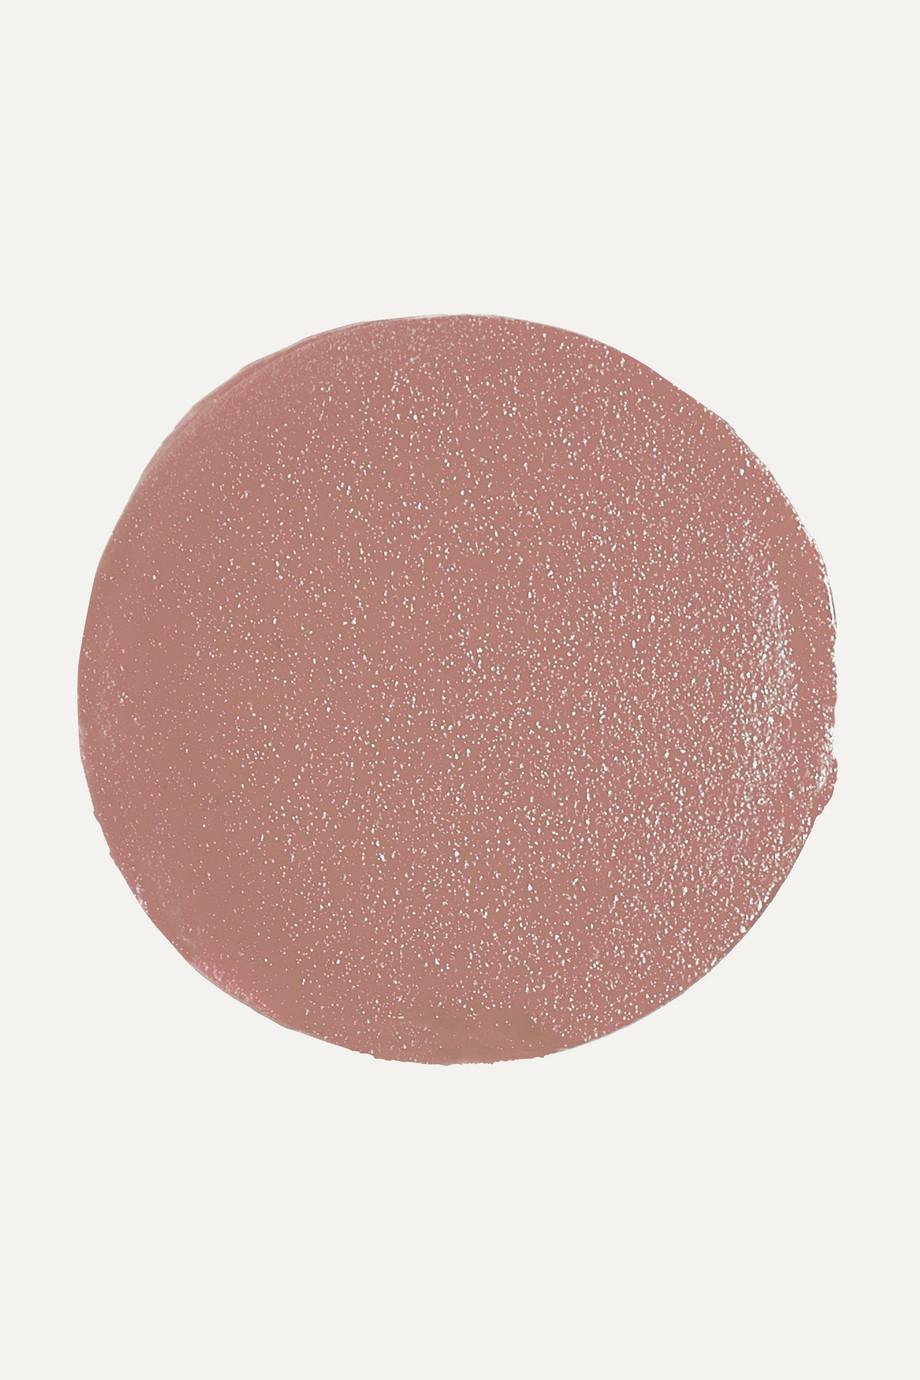 Gucci Beauty Rouge à Lèvres Satin – Linda Beige – Lippenstift